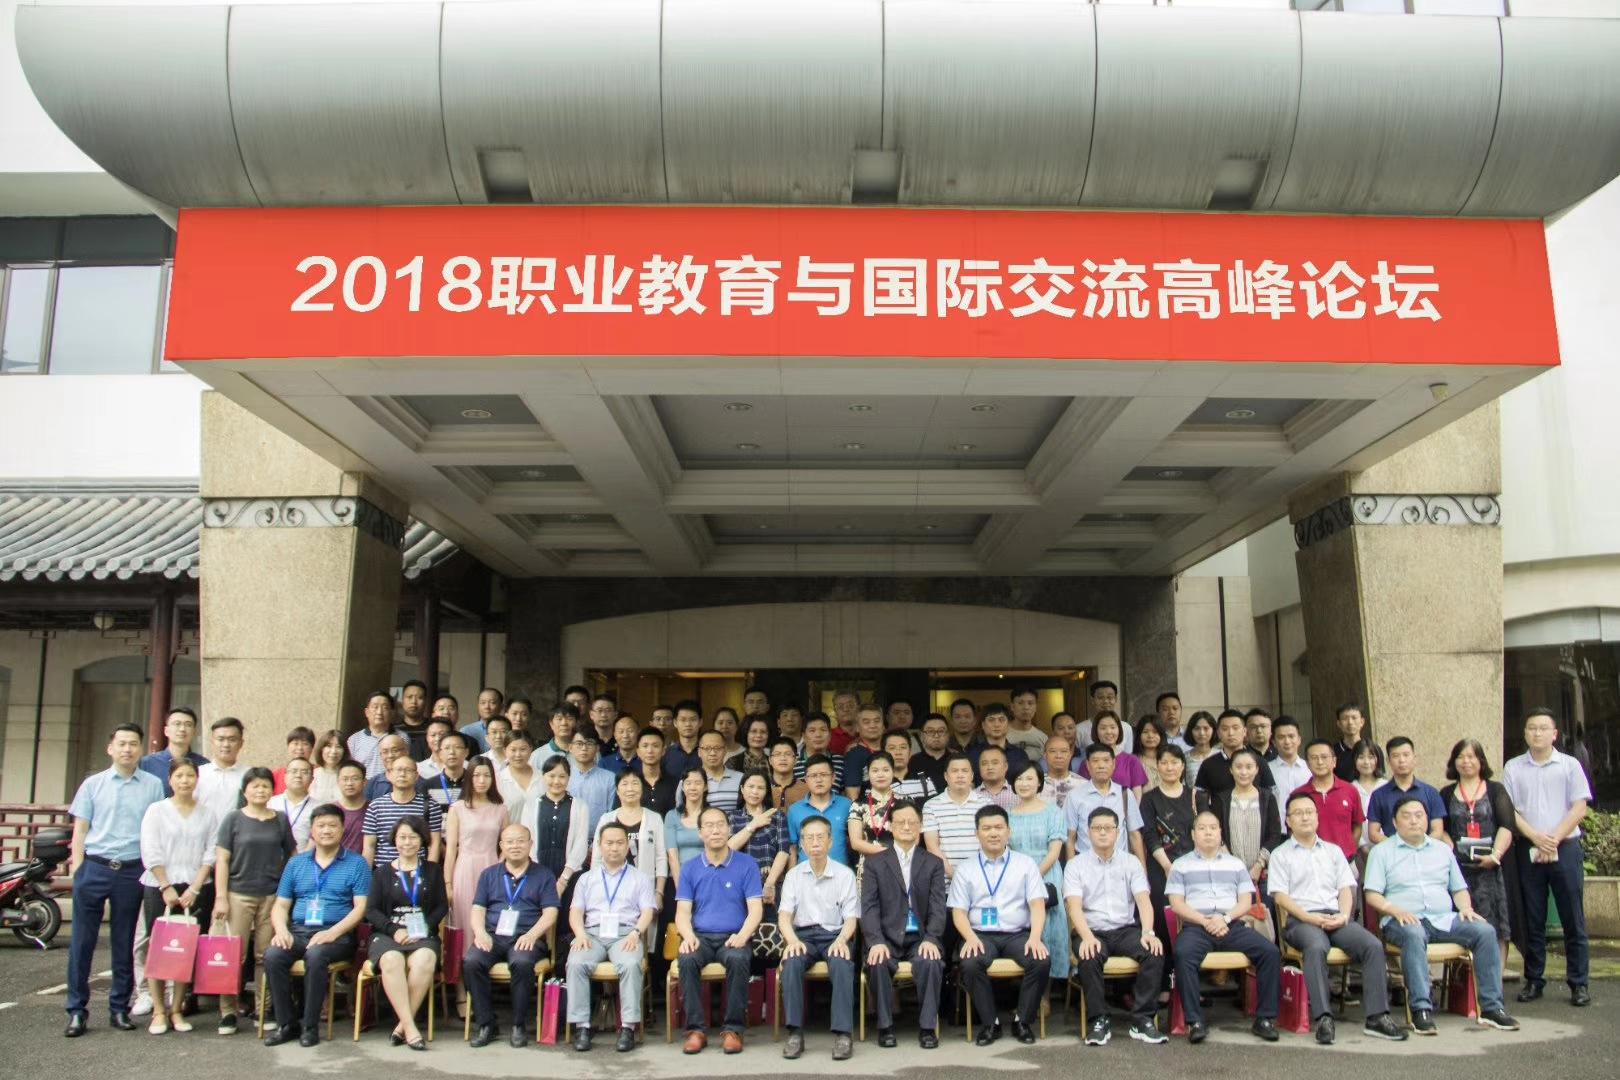 北京中科瀚林信息技术研究院受邀参加2018年职业教育与国家交流高峰论坛并签约重要合作